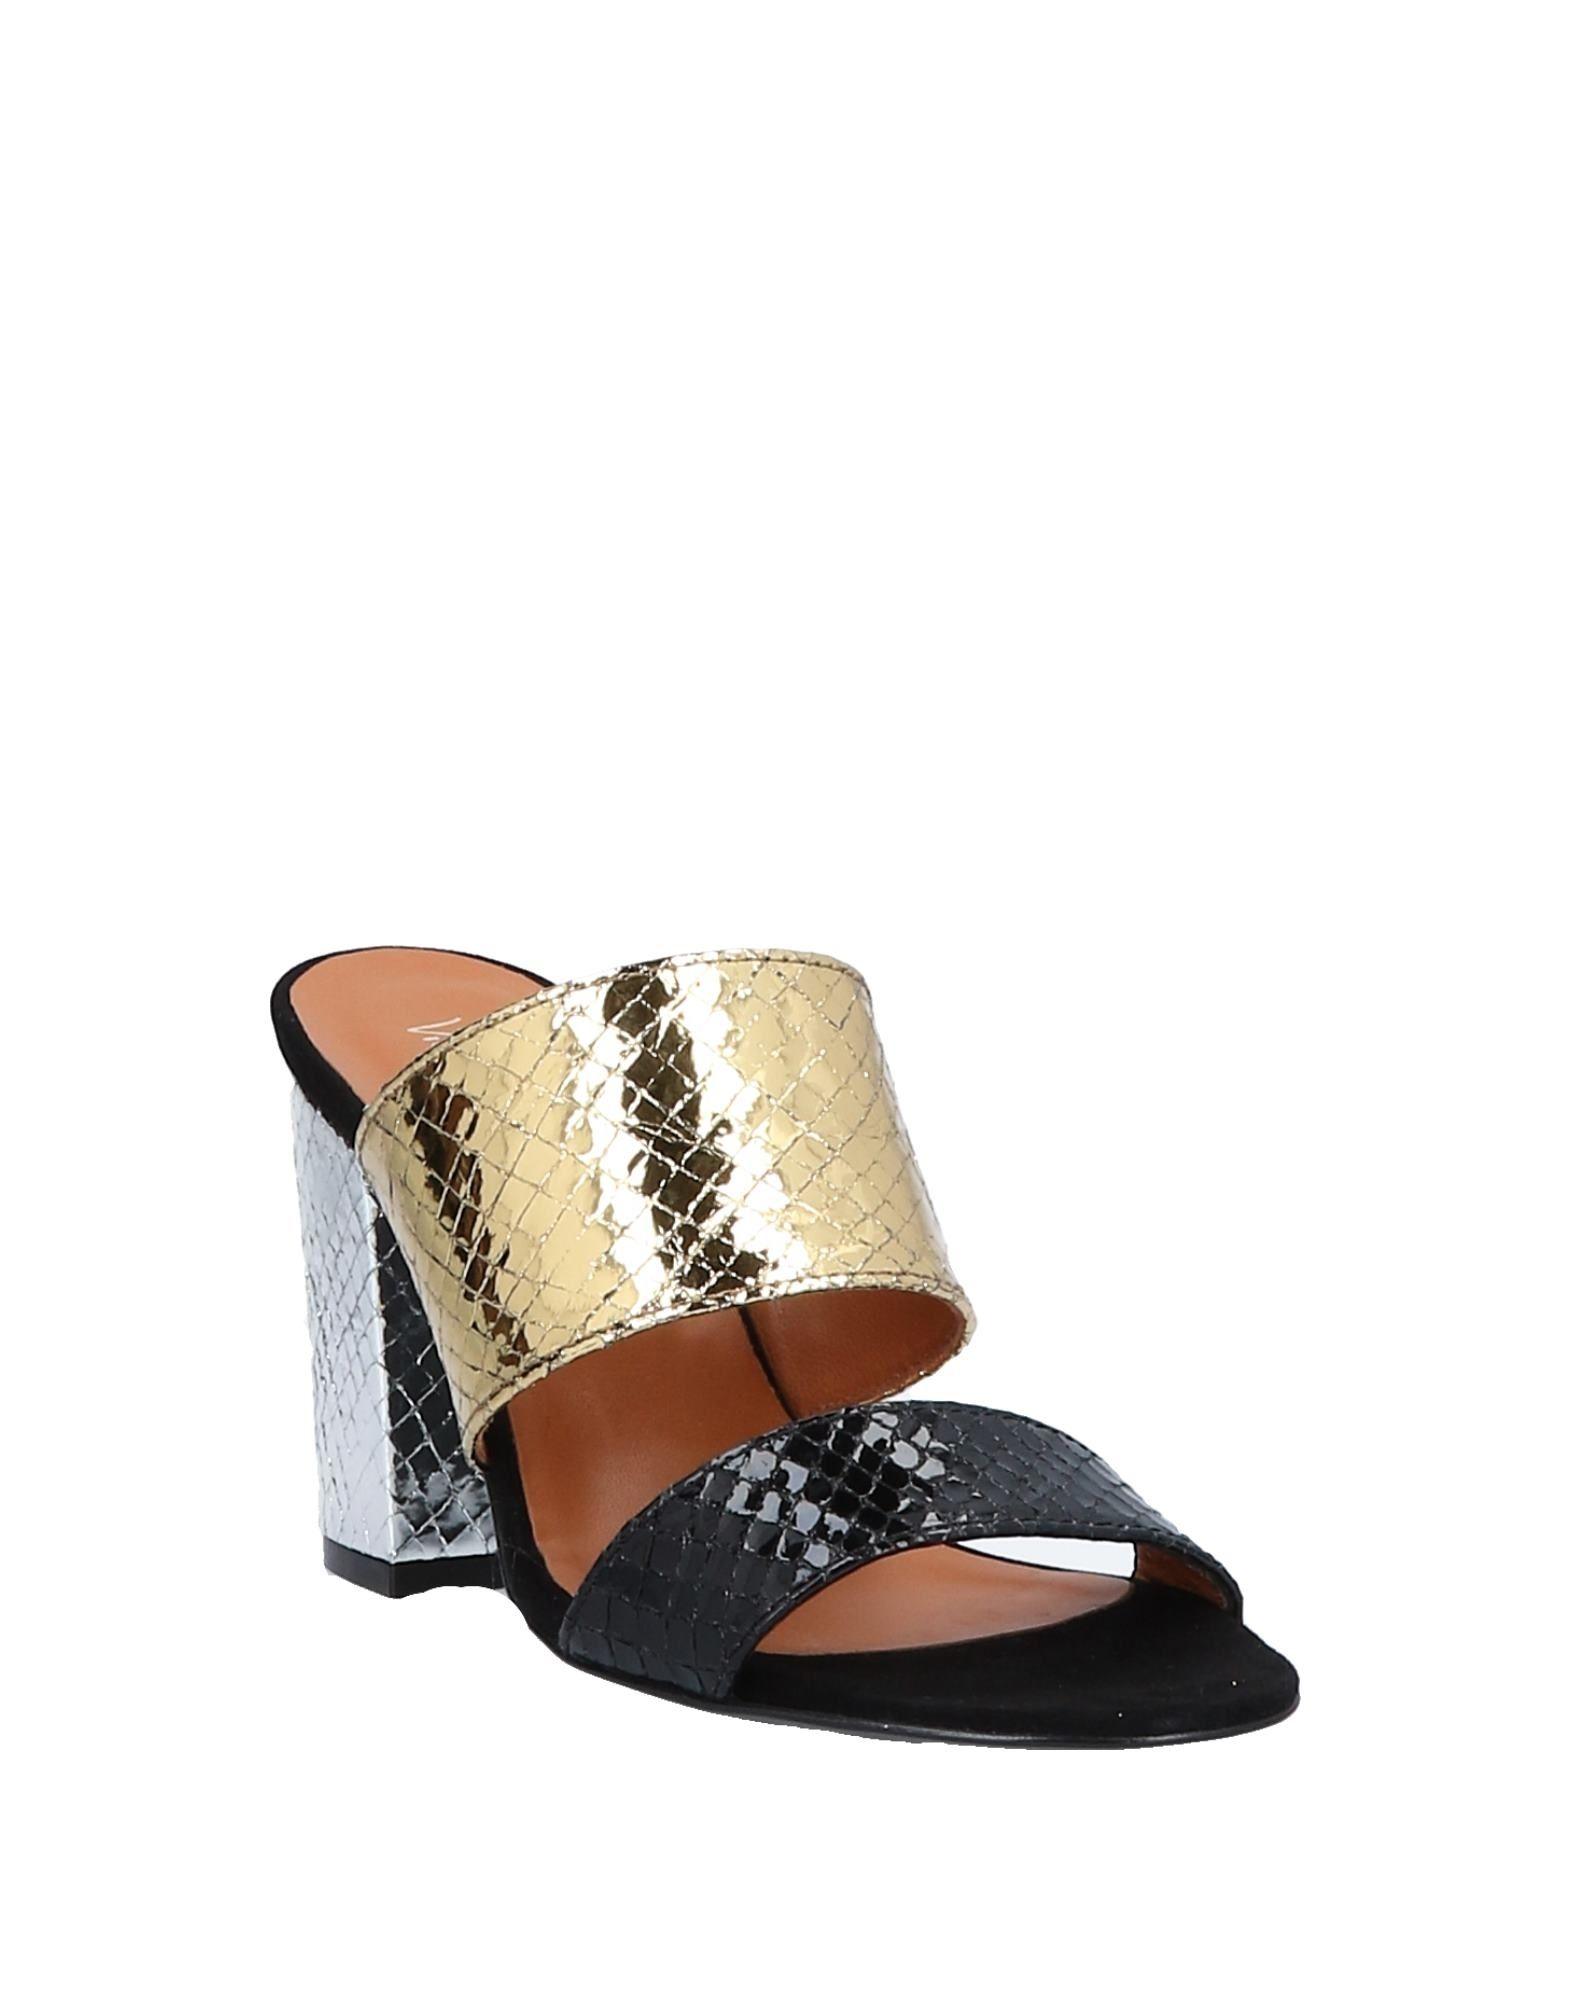 Stilvolle billige Sandalen Schuhe Via Roma 15 Sandalen billige Damen  11563129VH d4f11b